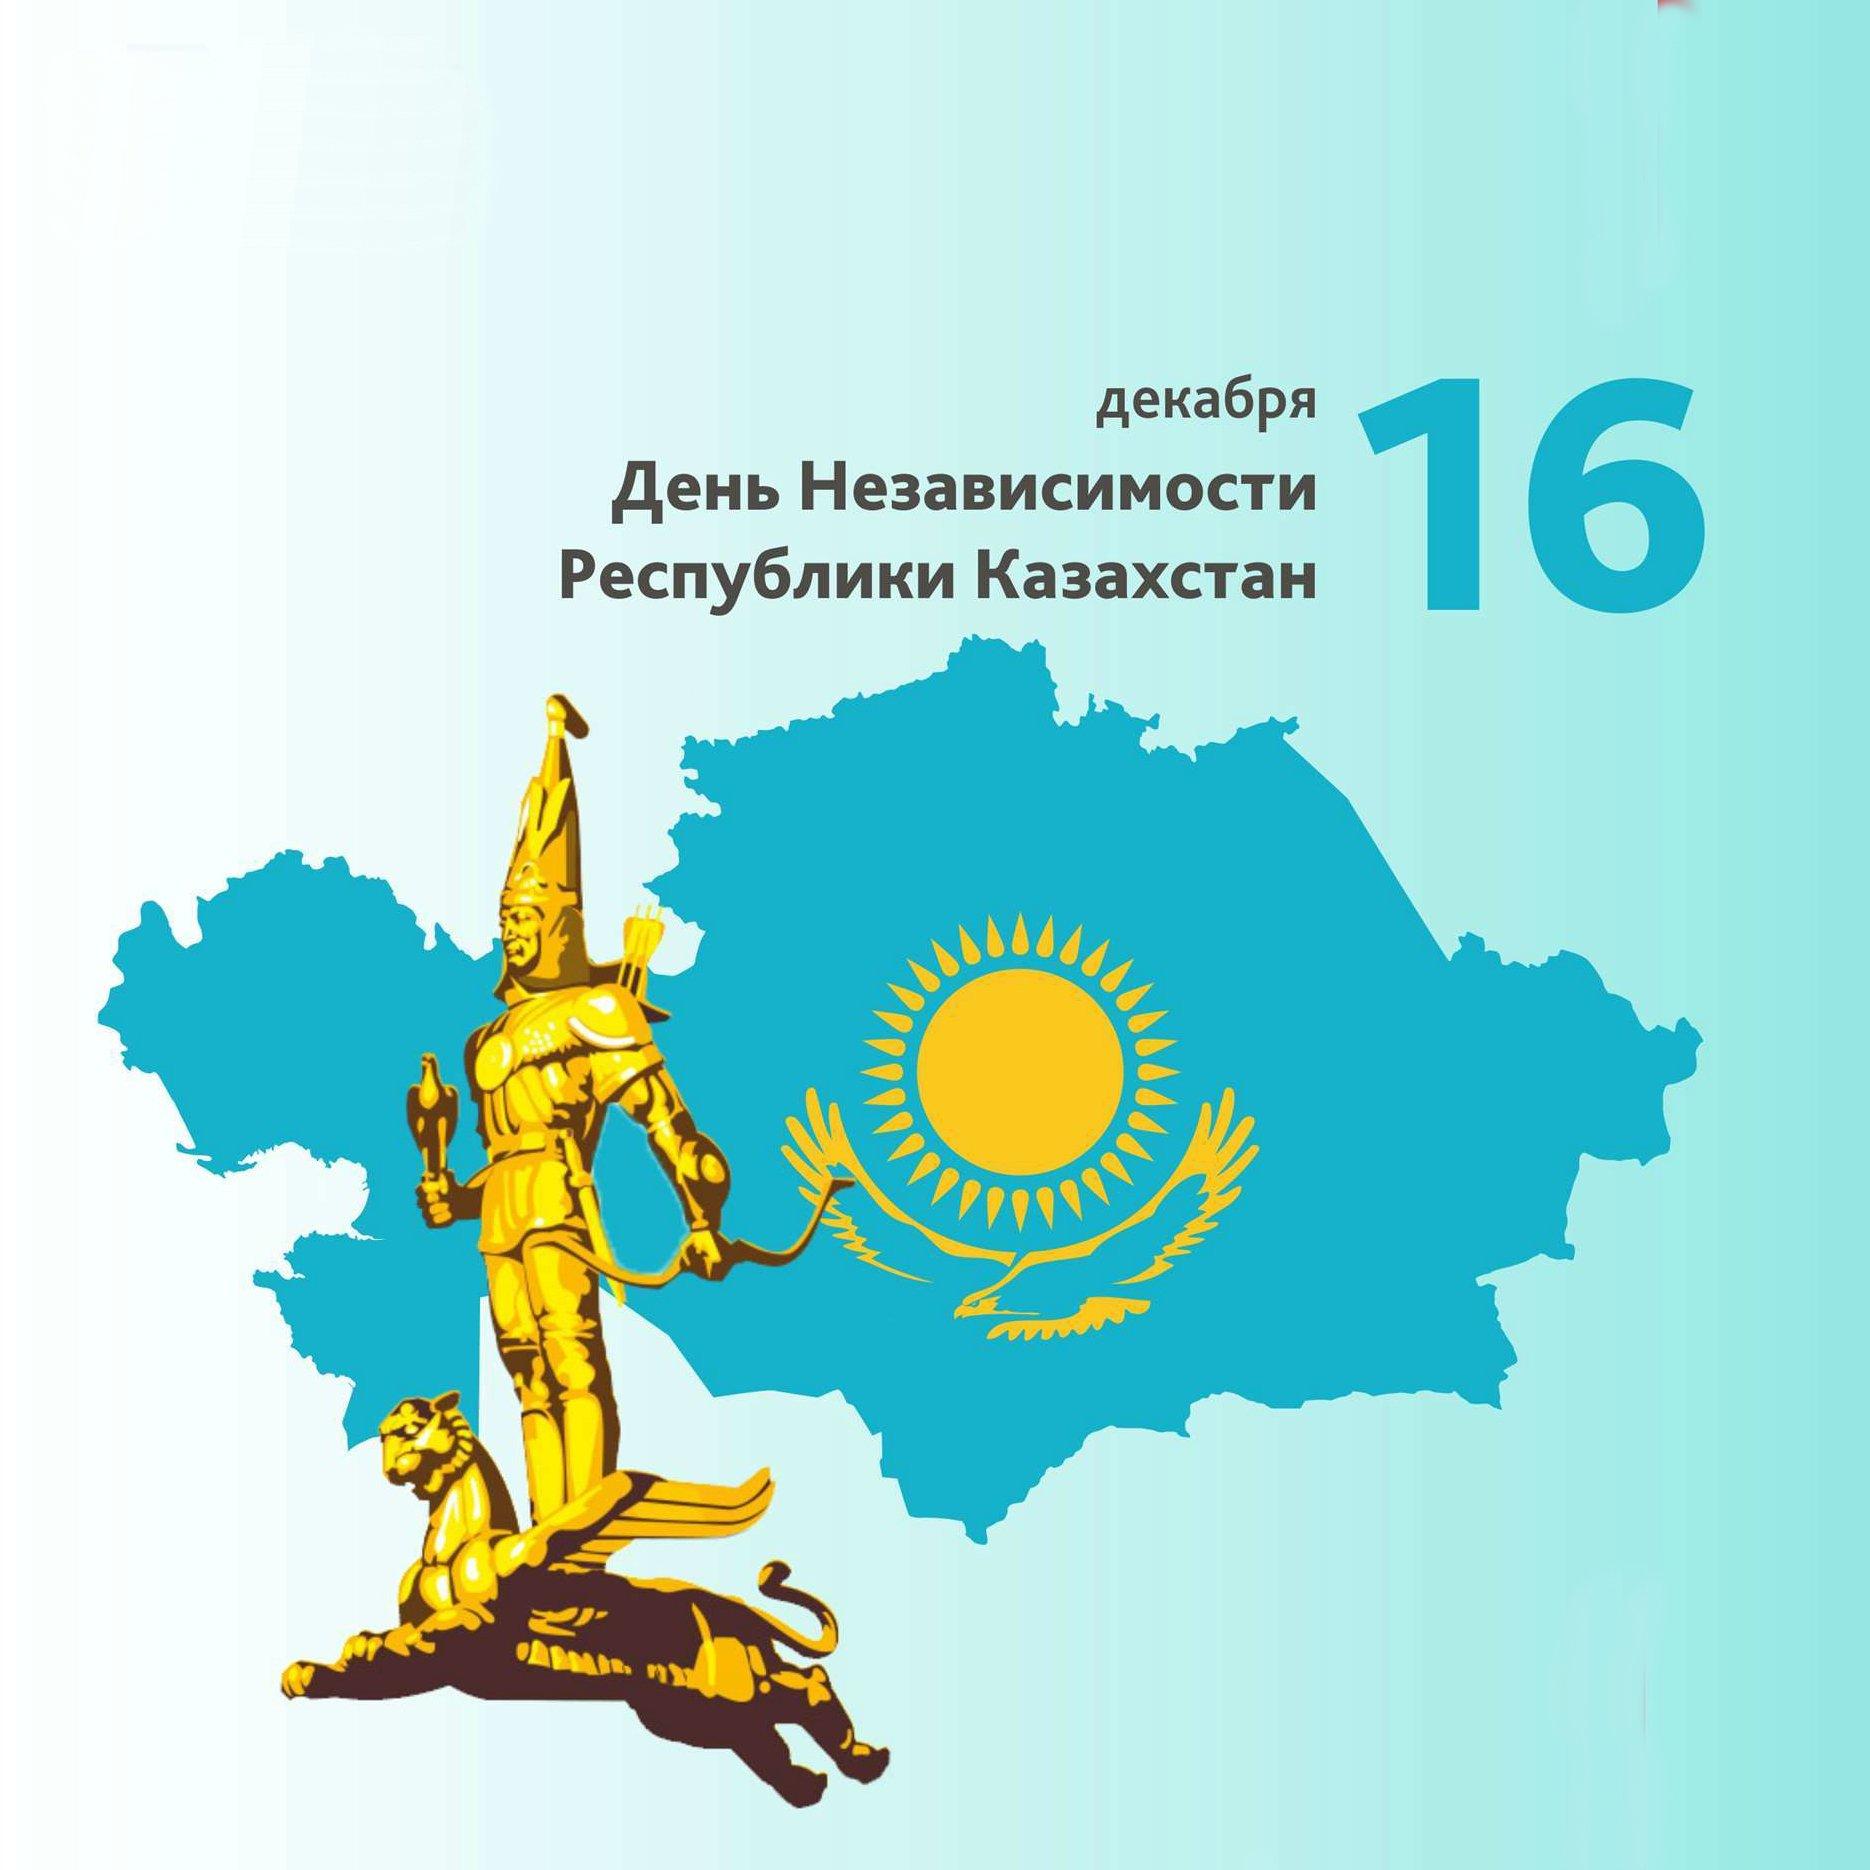 сопровождении широкоплечих поздравление казахстанцев с праздником днем независимости овец разводили условиях